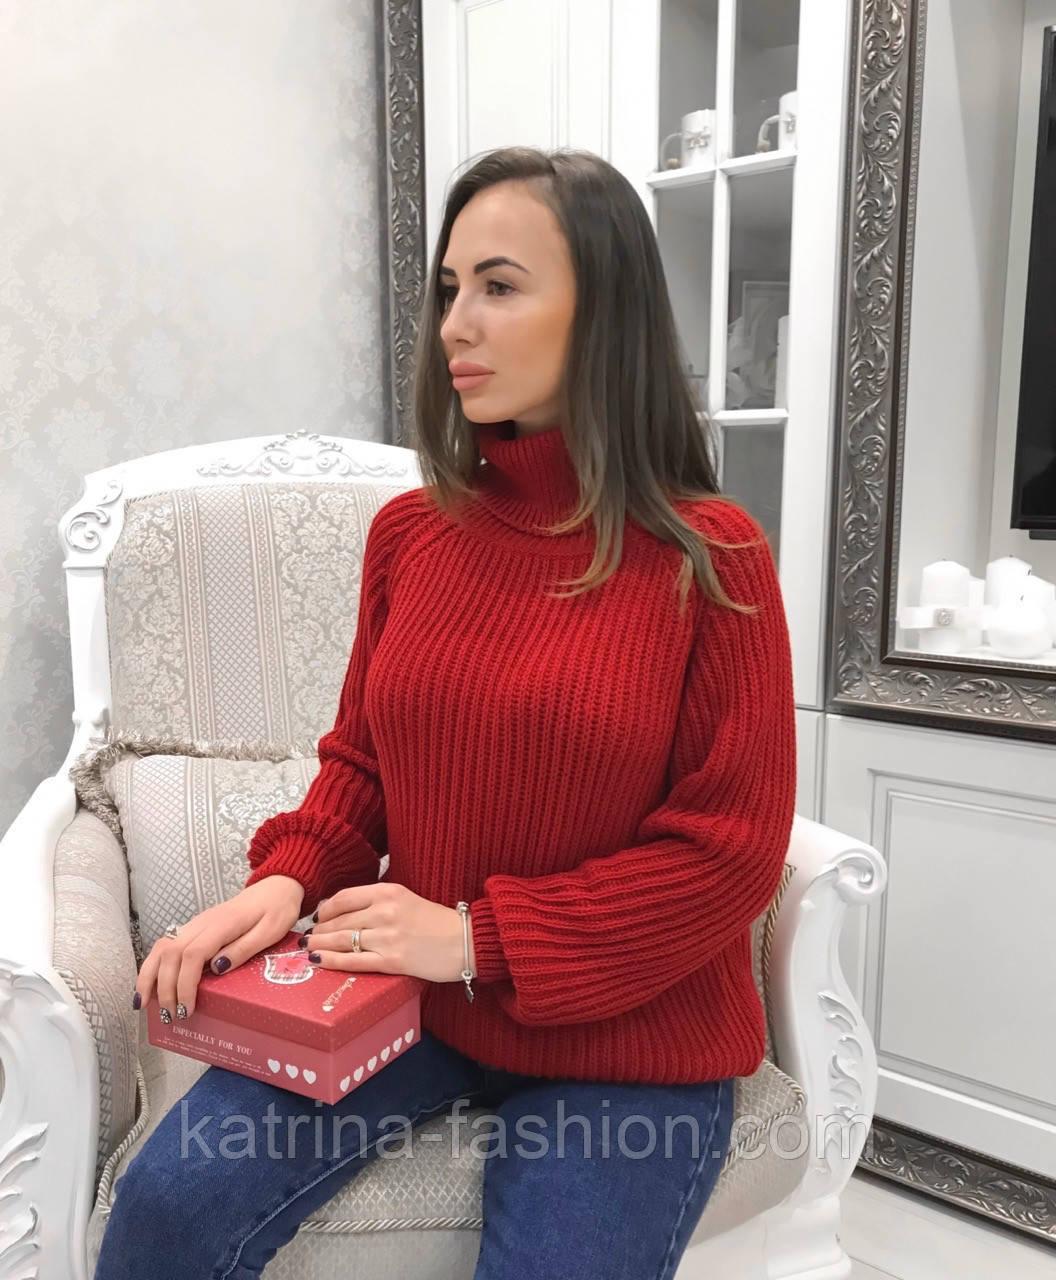 Женский теплый объемный  свитер  под горло крупной вязки (разные цвета)